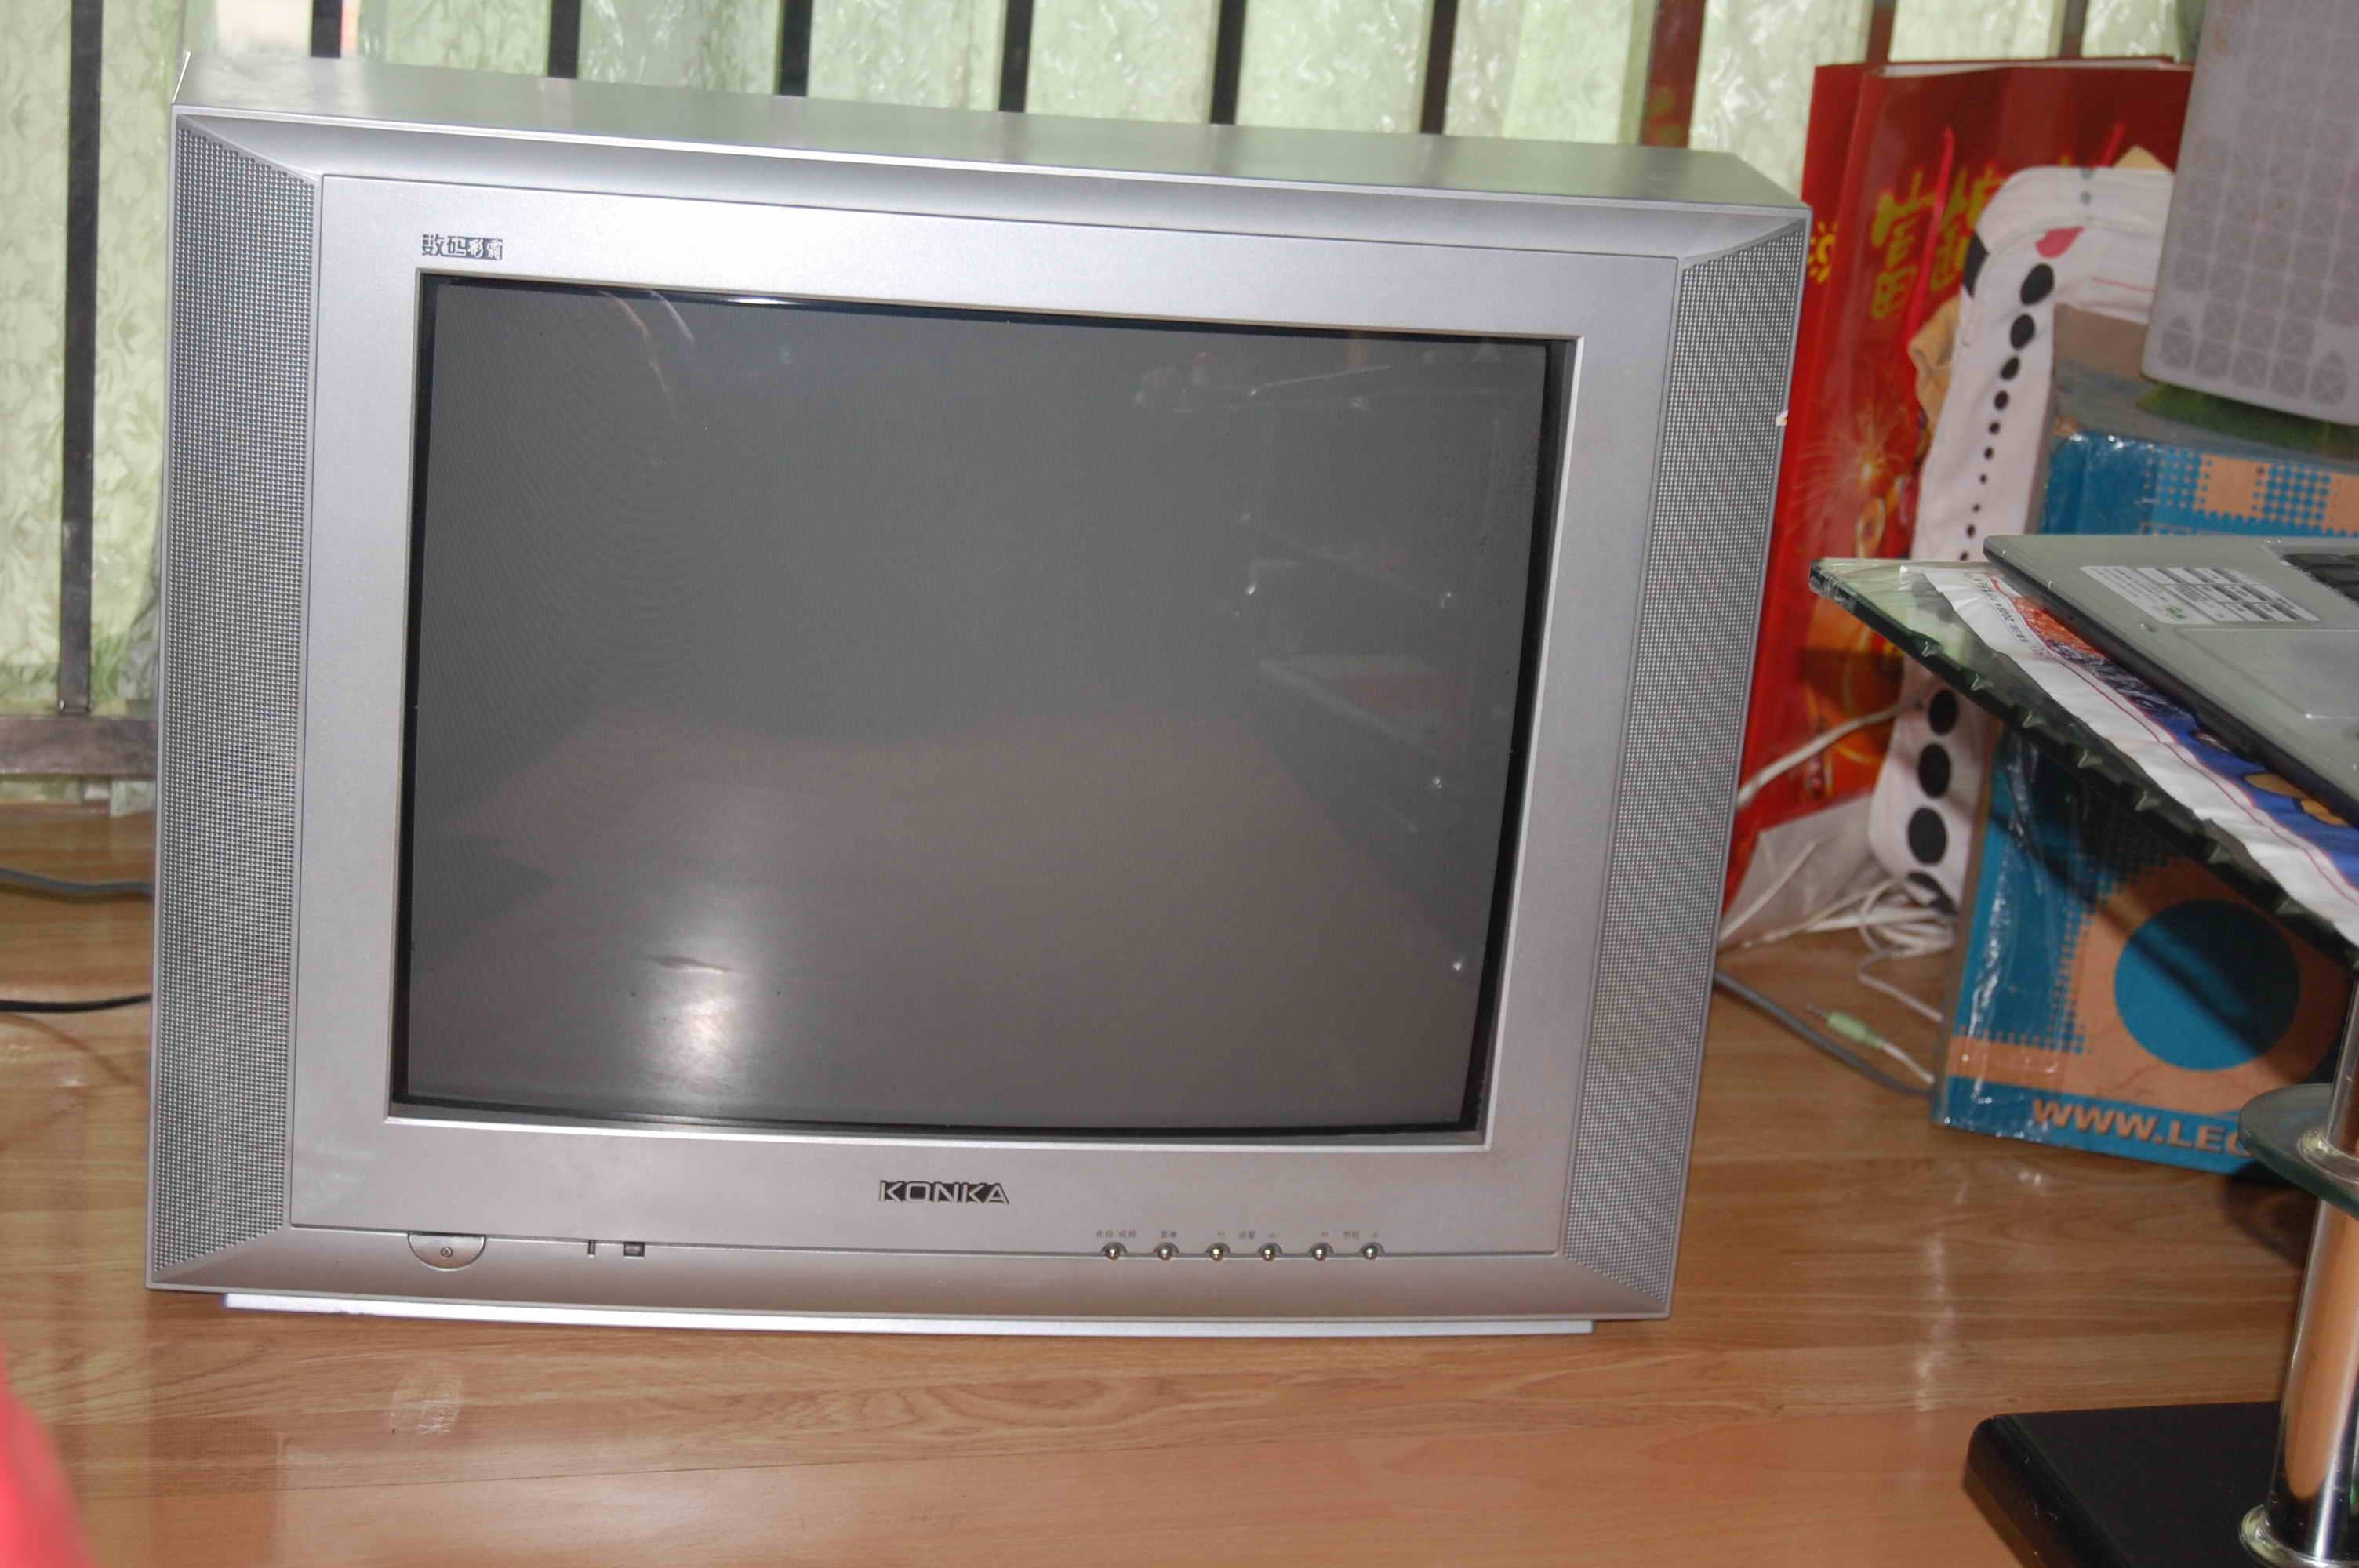 转康佳21寸电视 型号t2122a 200元 南山南山村